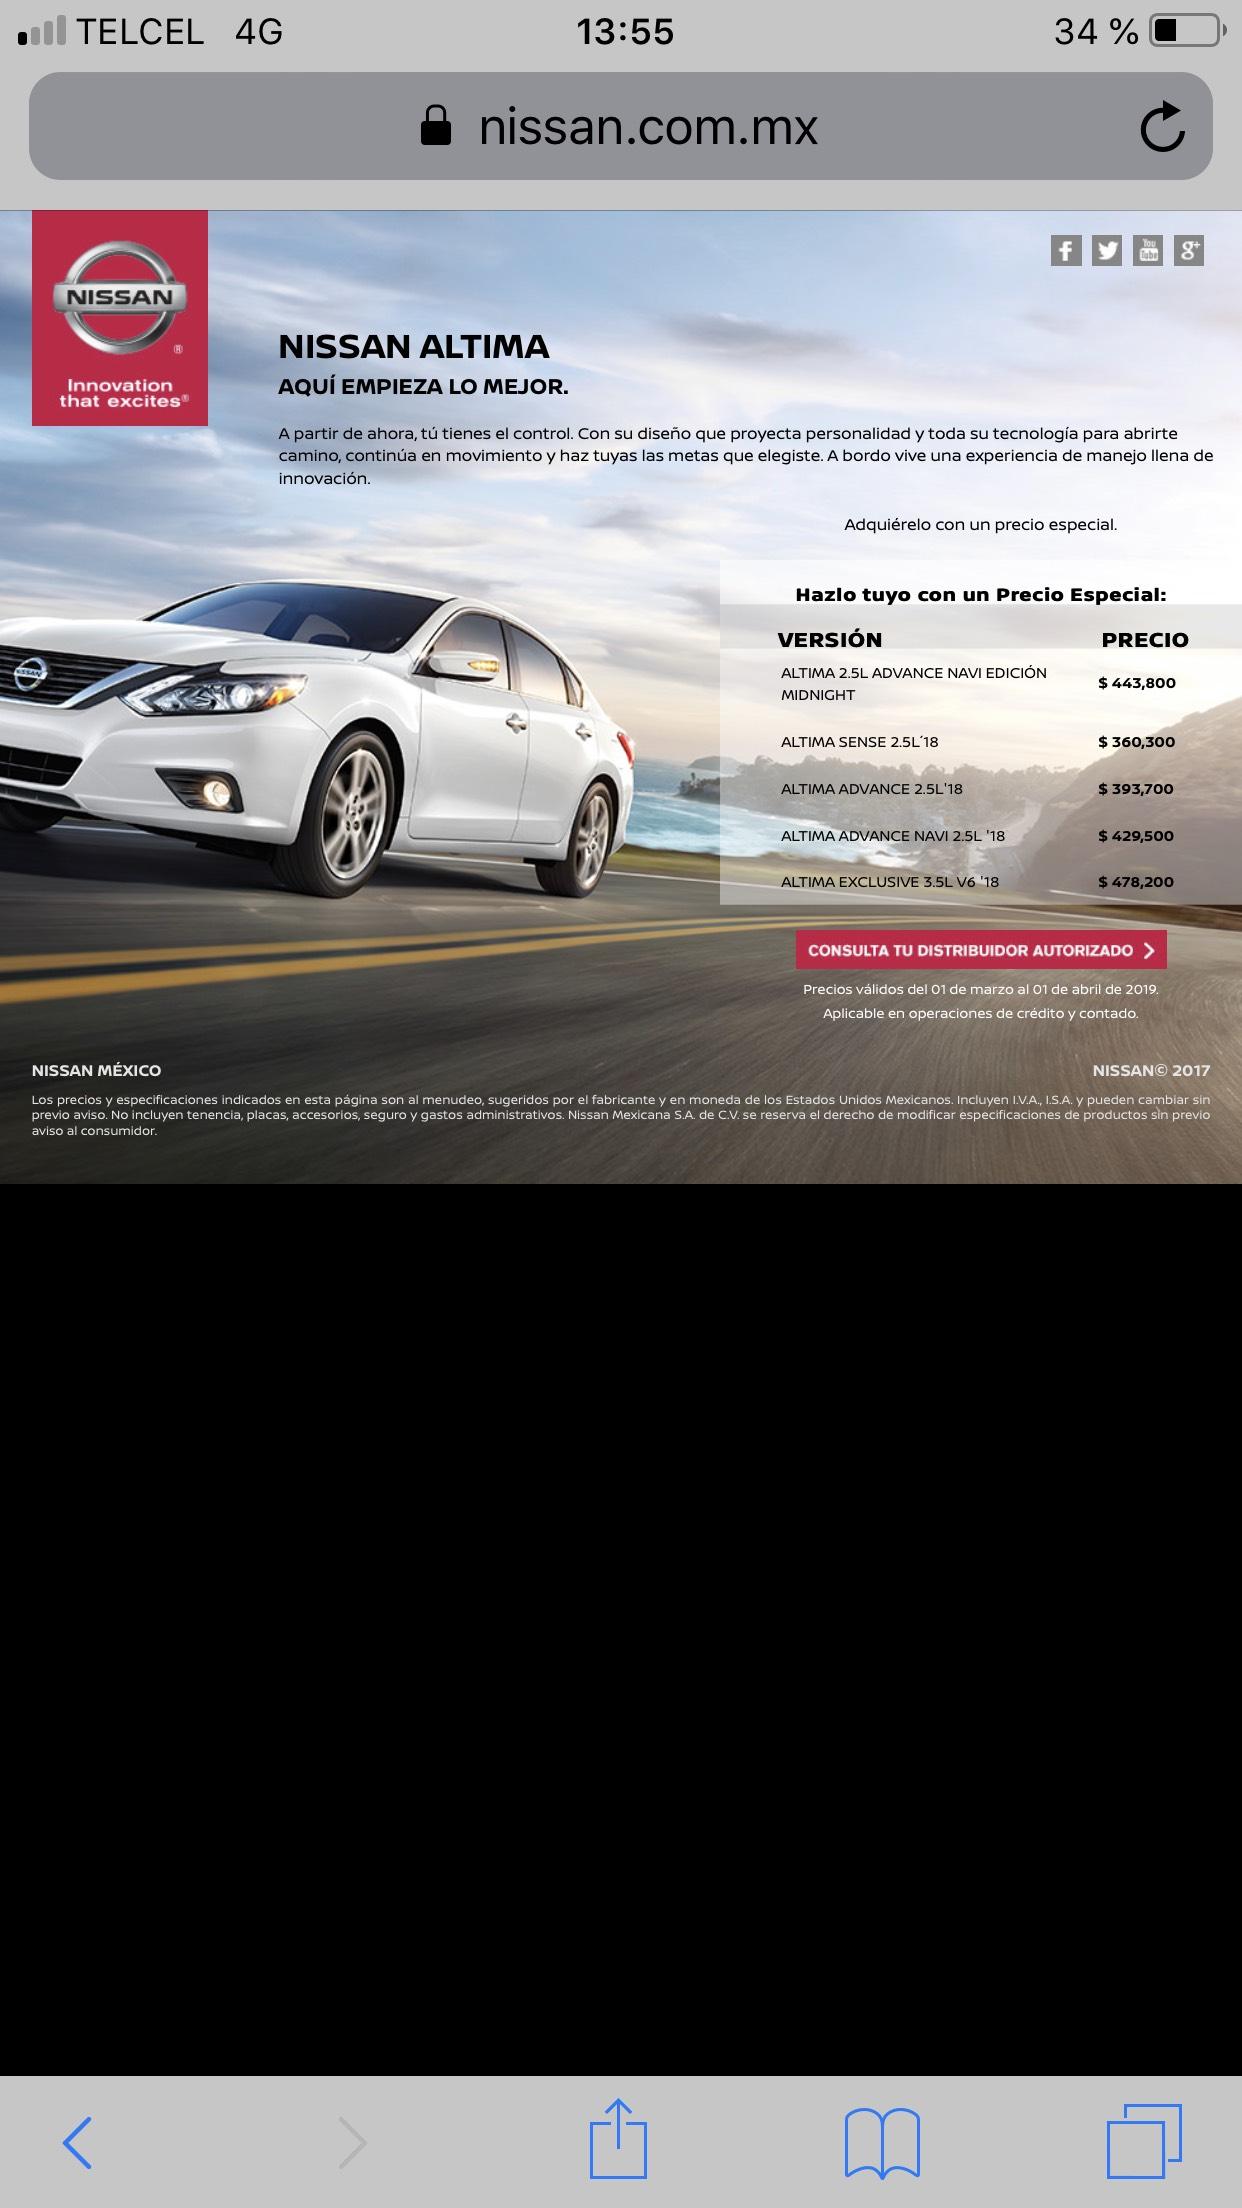 Nissan: Liquidación Nissan Altima modelo 2018 descuento de $58,000